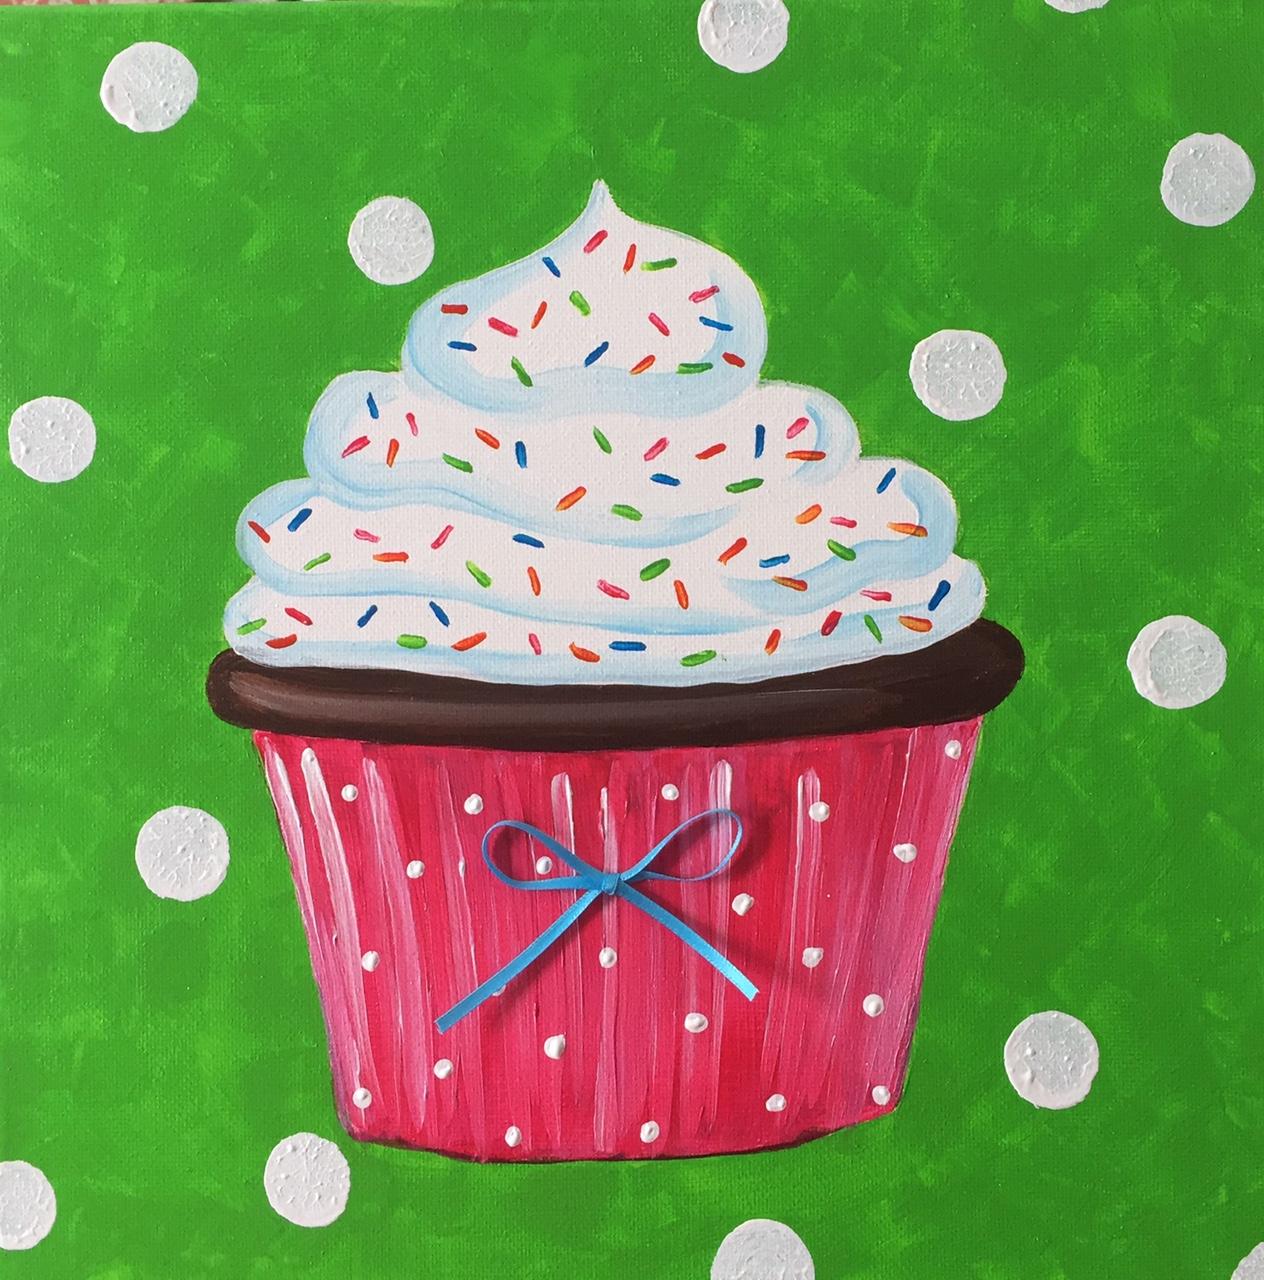 Cupcake CW.jpg